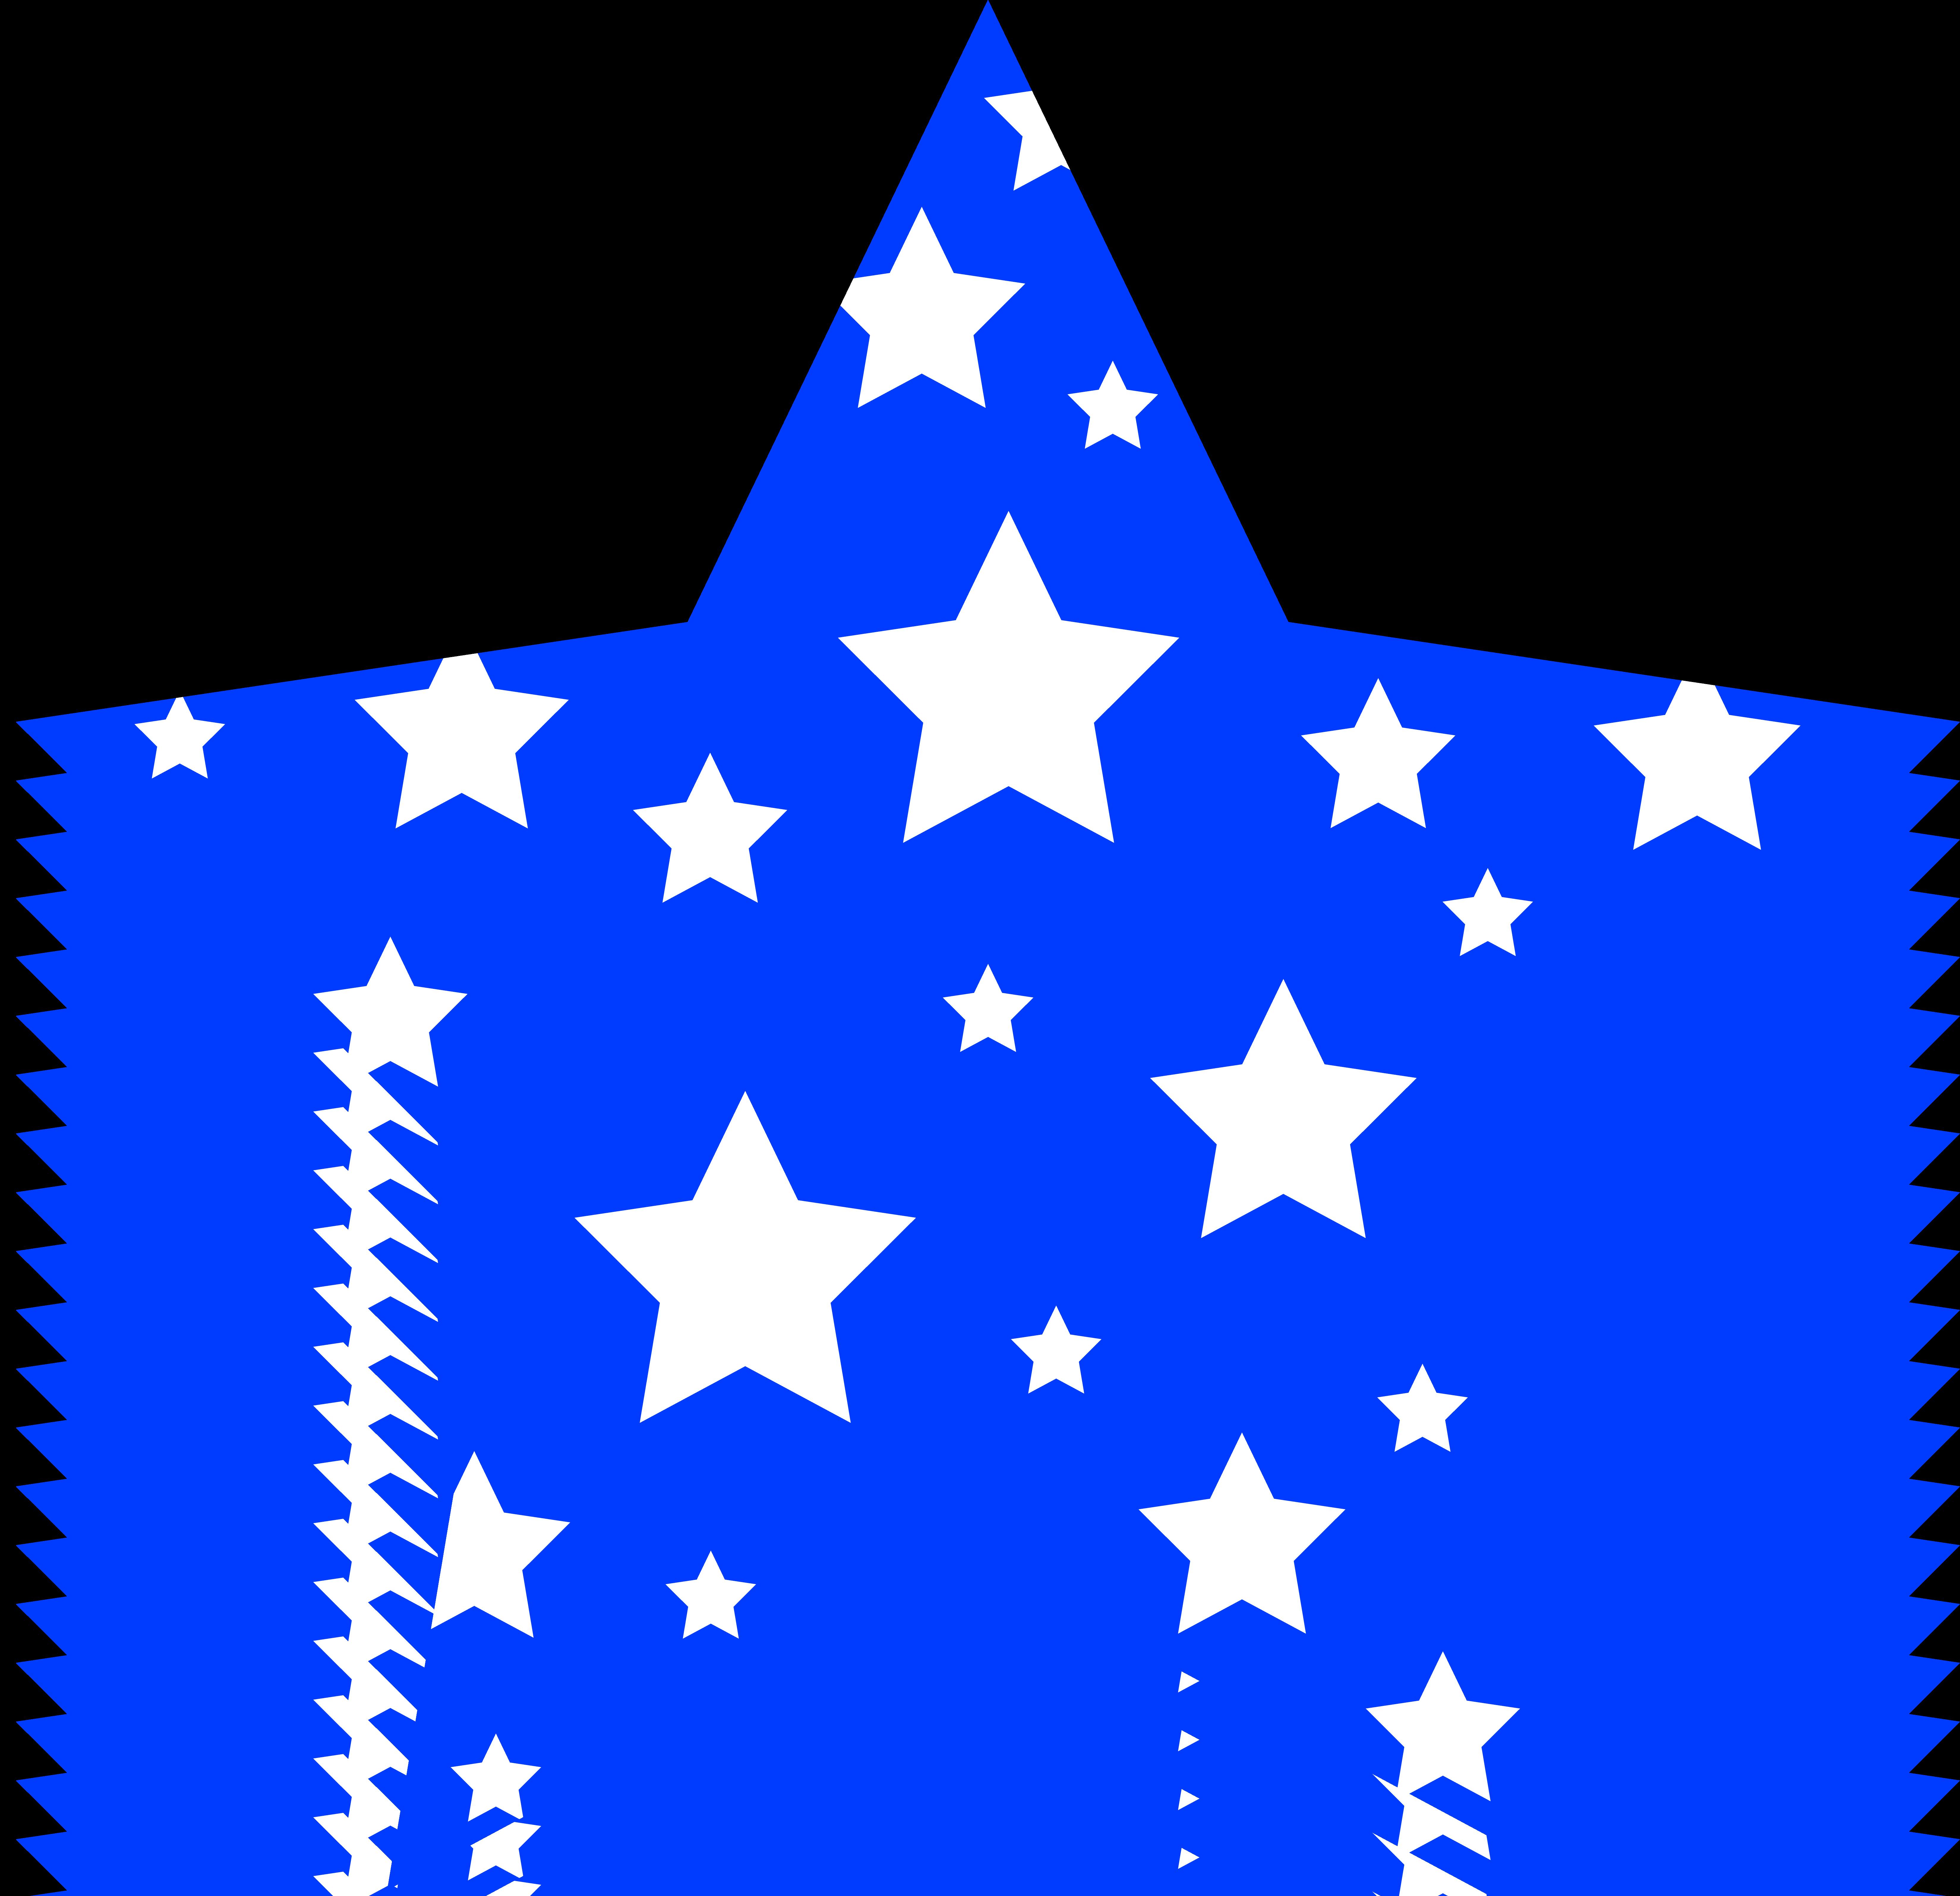 6598x6383 Blue Star Clipart